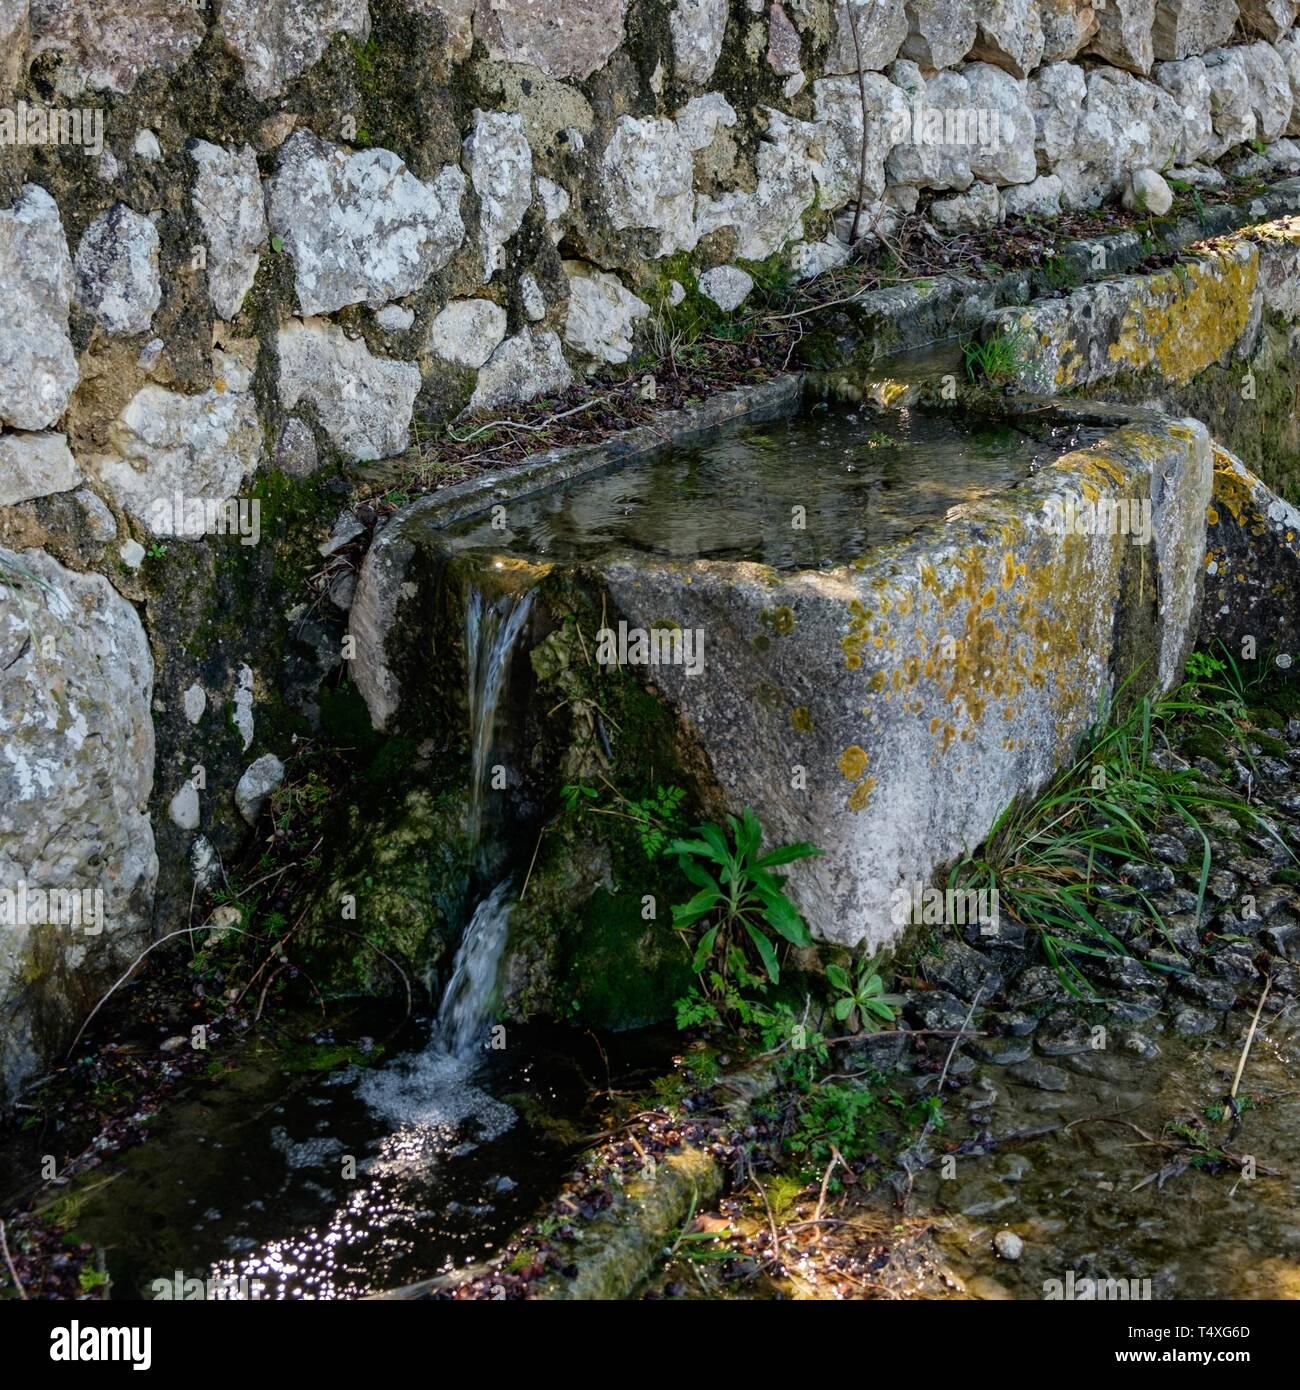 Abrevadero, Abeurador del Camí Blanc, Campanet, Mallorca, Islas Baleares, España. Foto de stock